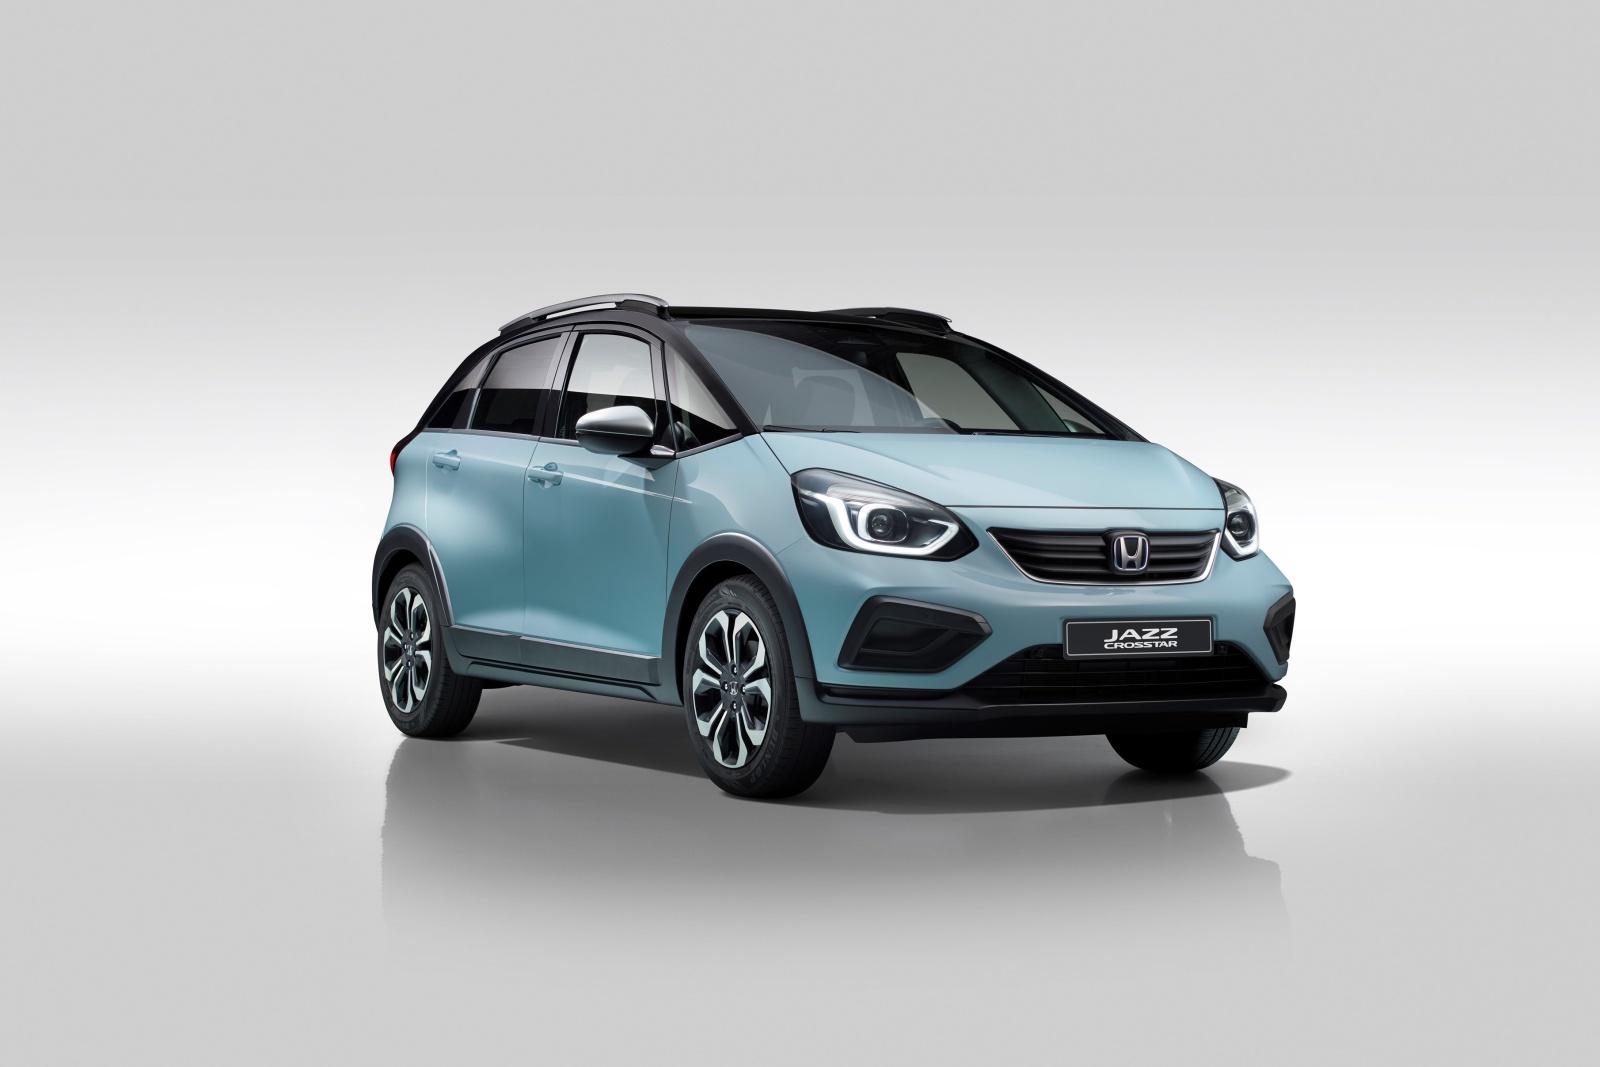 Honda Jazz přijede jako hybrid v létě a přibude oplastovaná verze Crosstar